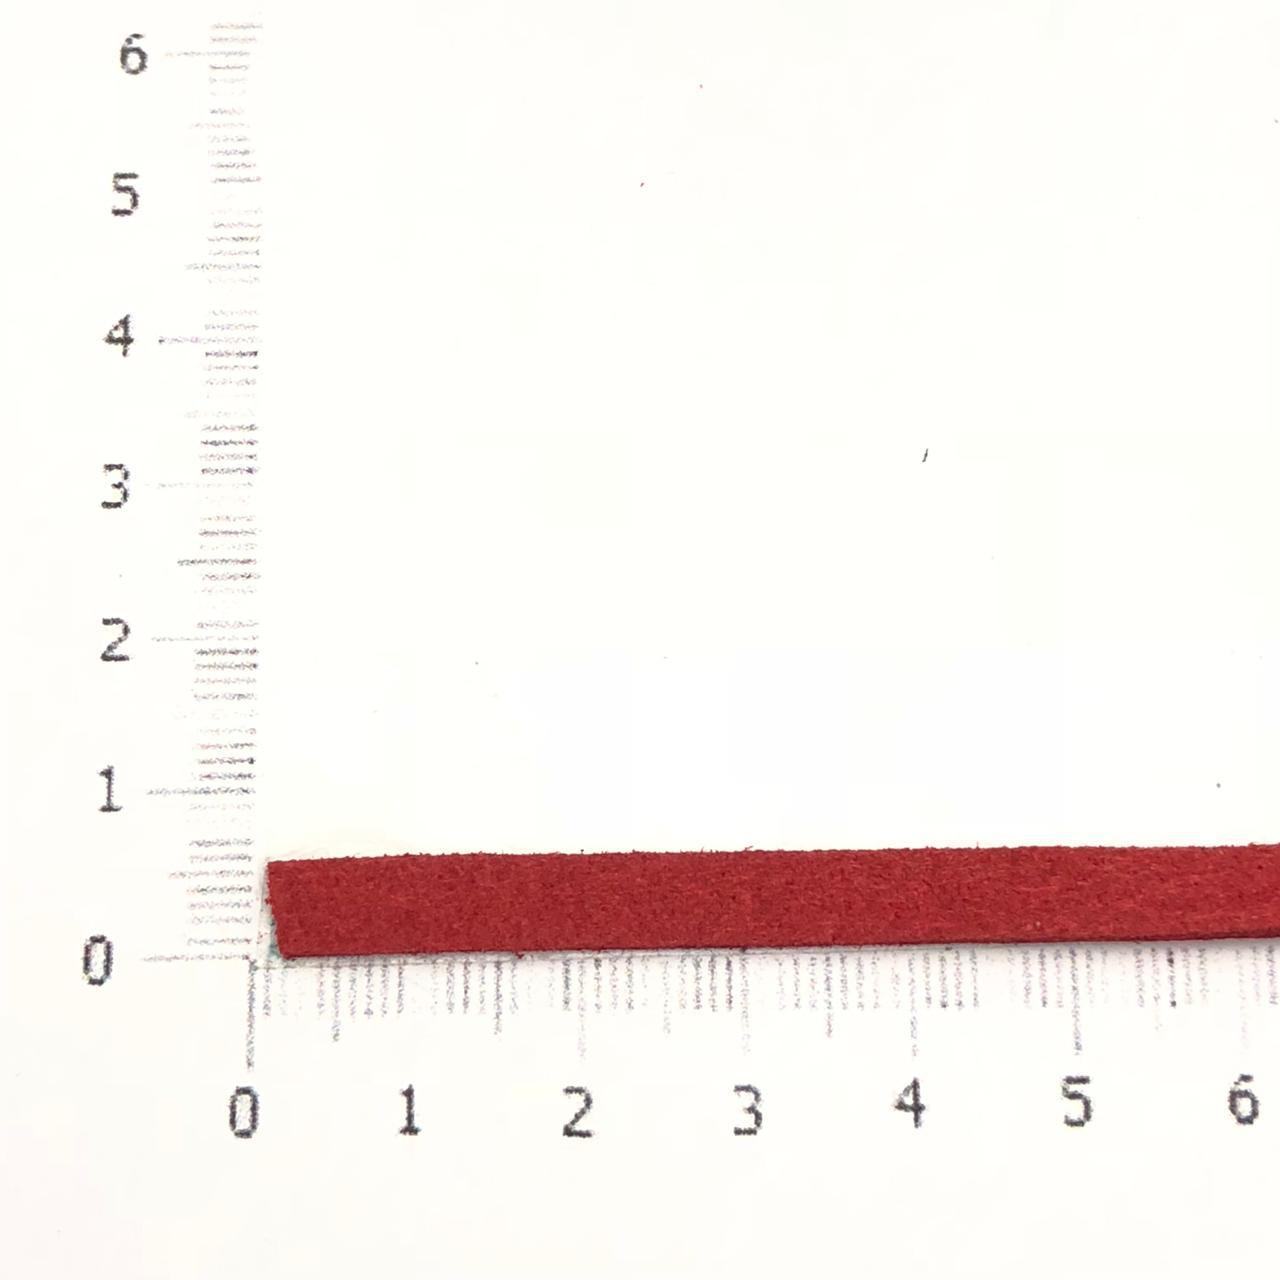 CM44 - Cordão de camurça 5mm Cereja - 1metro